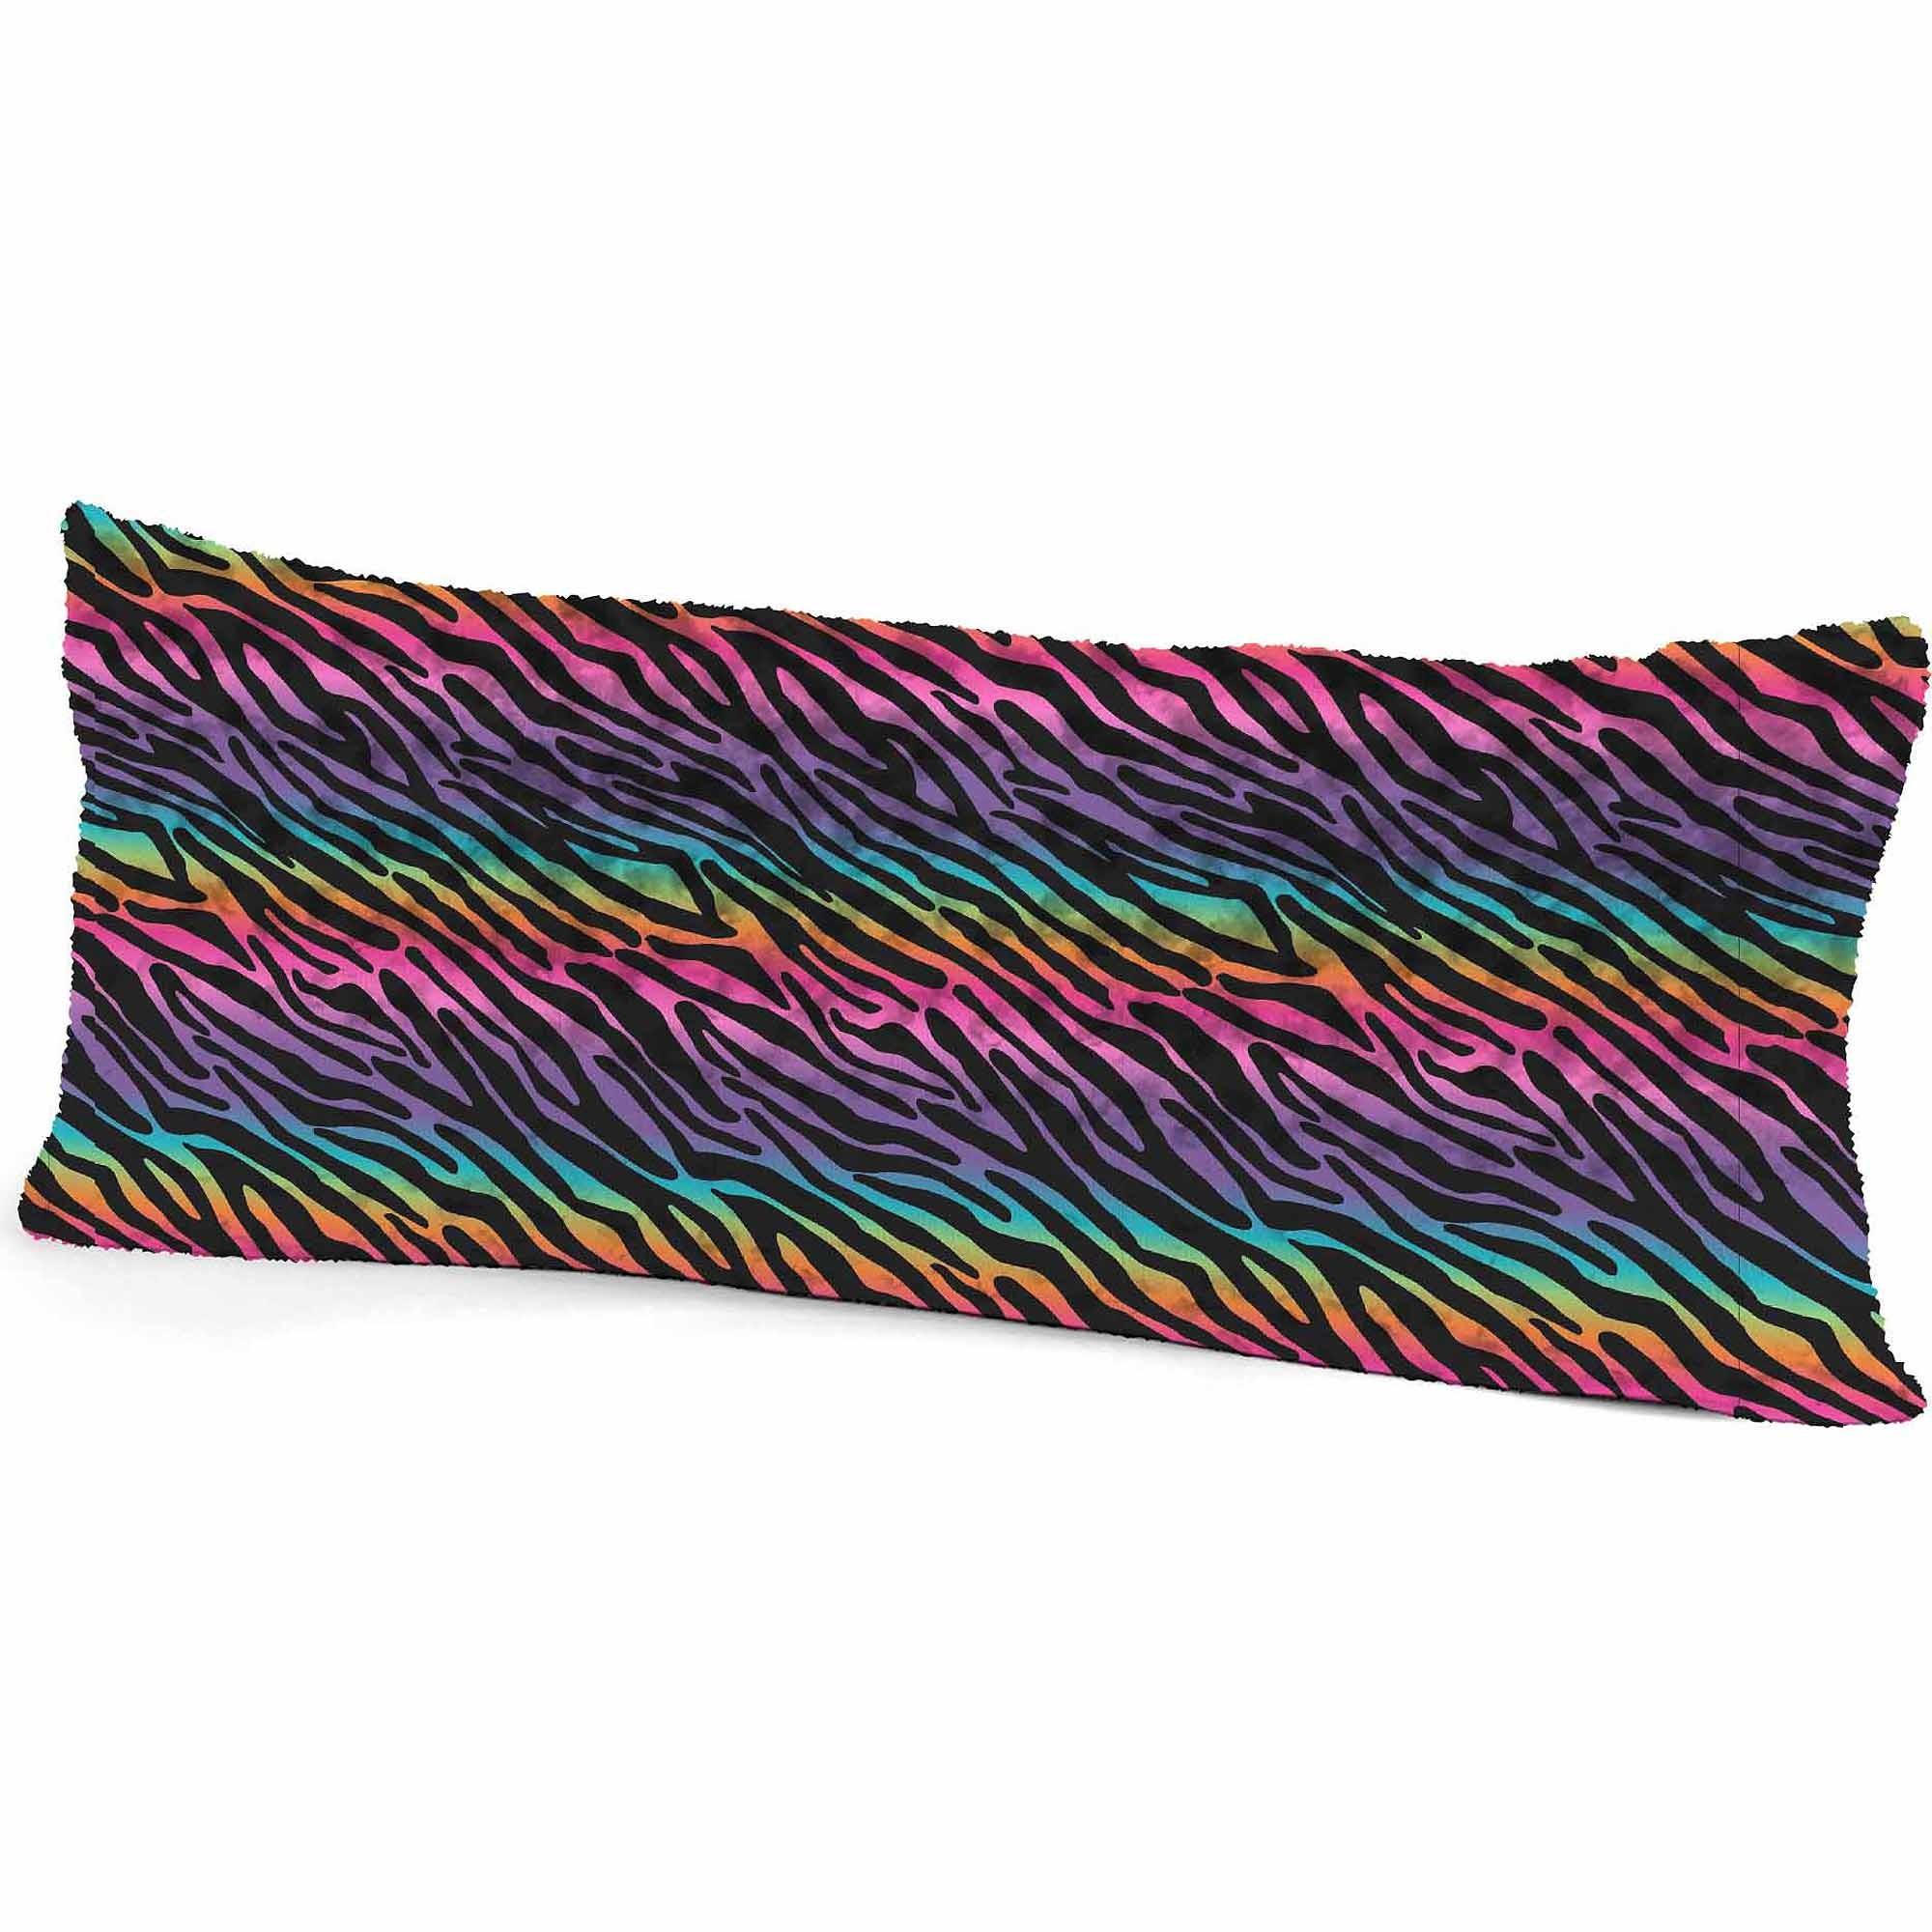 Rainbow Zebra Background Designs 183 ① Wallpapertag